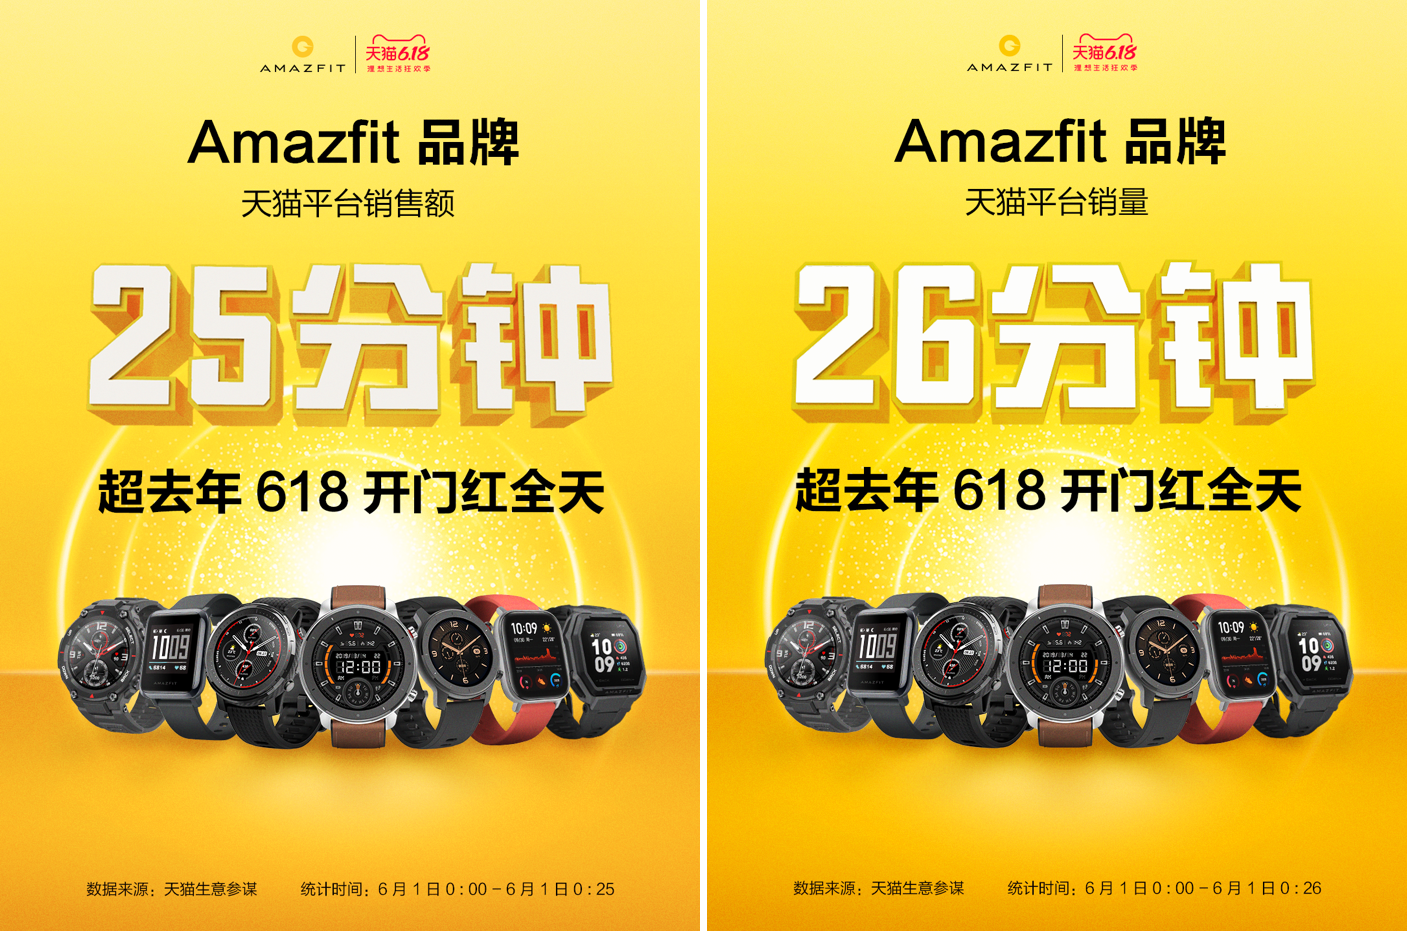 华米科技Amazfit登顶天猫智能手表销量榜 刷新销售纪录